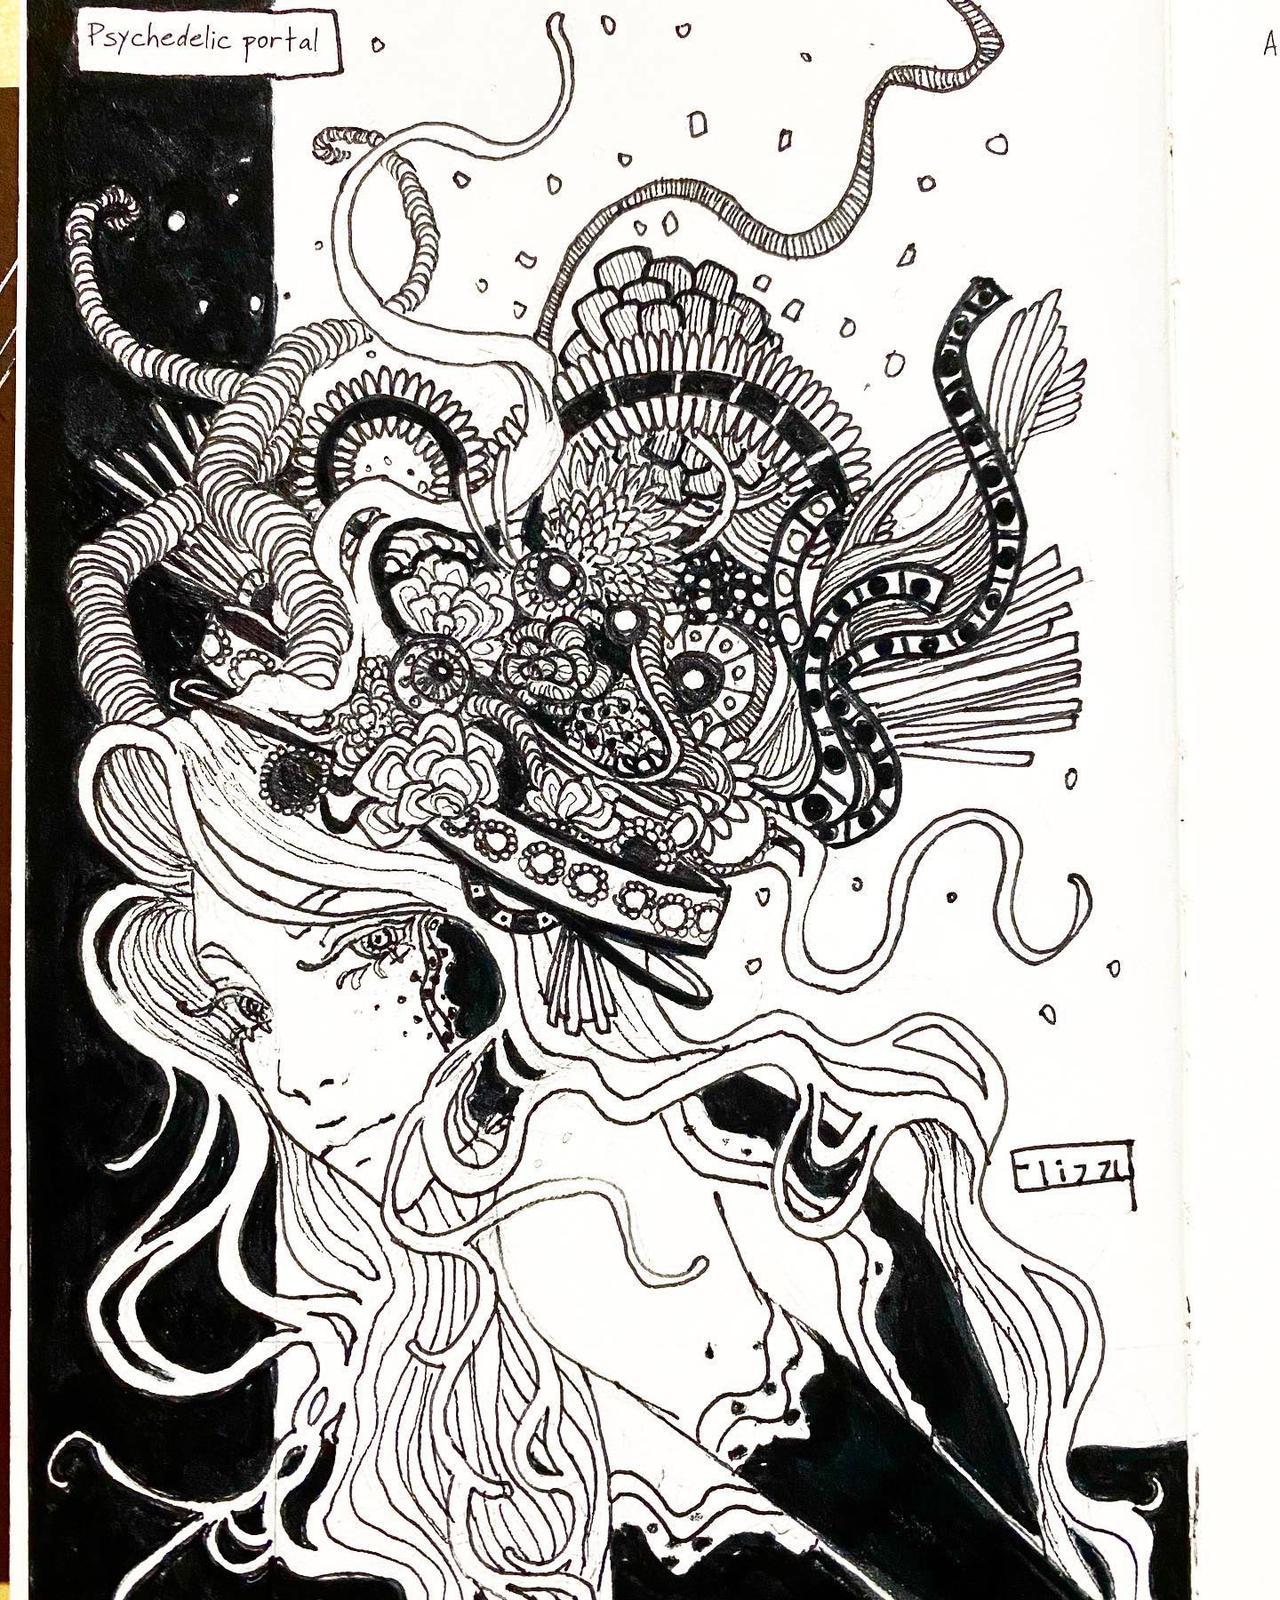 [17] Psychedelic Portal